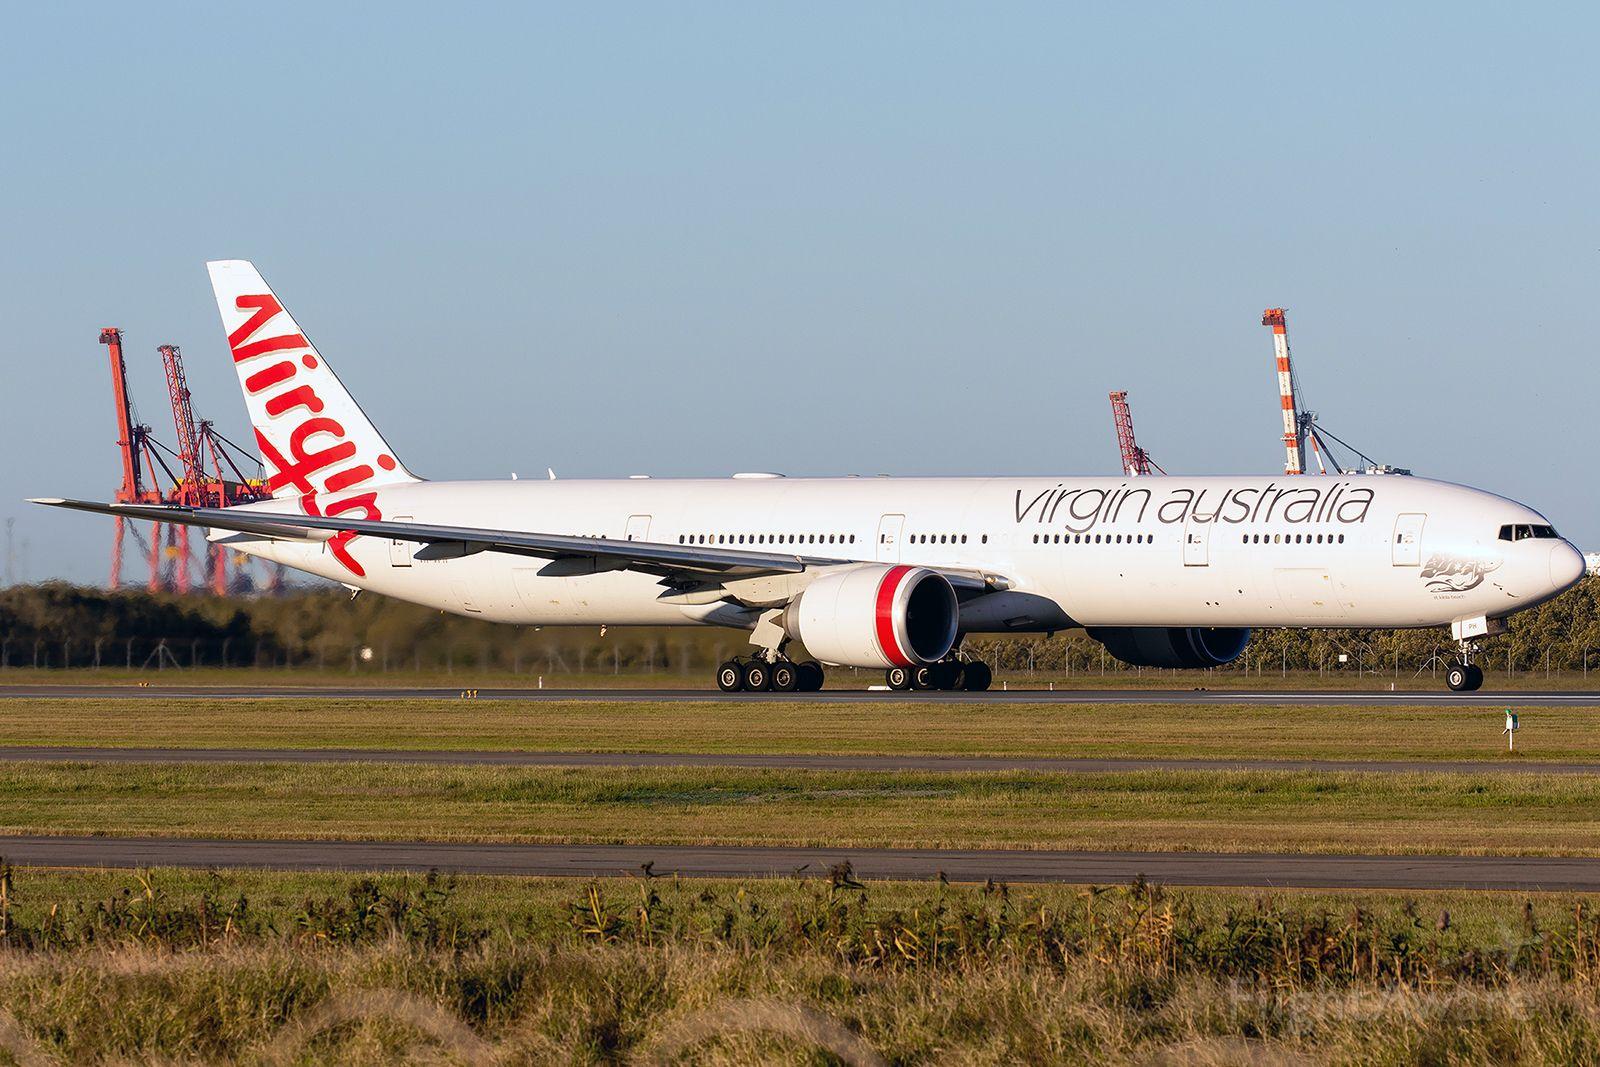 BOEING 777-300ER (VH-VPH)